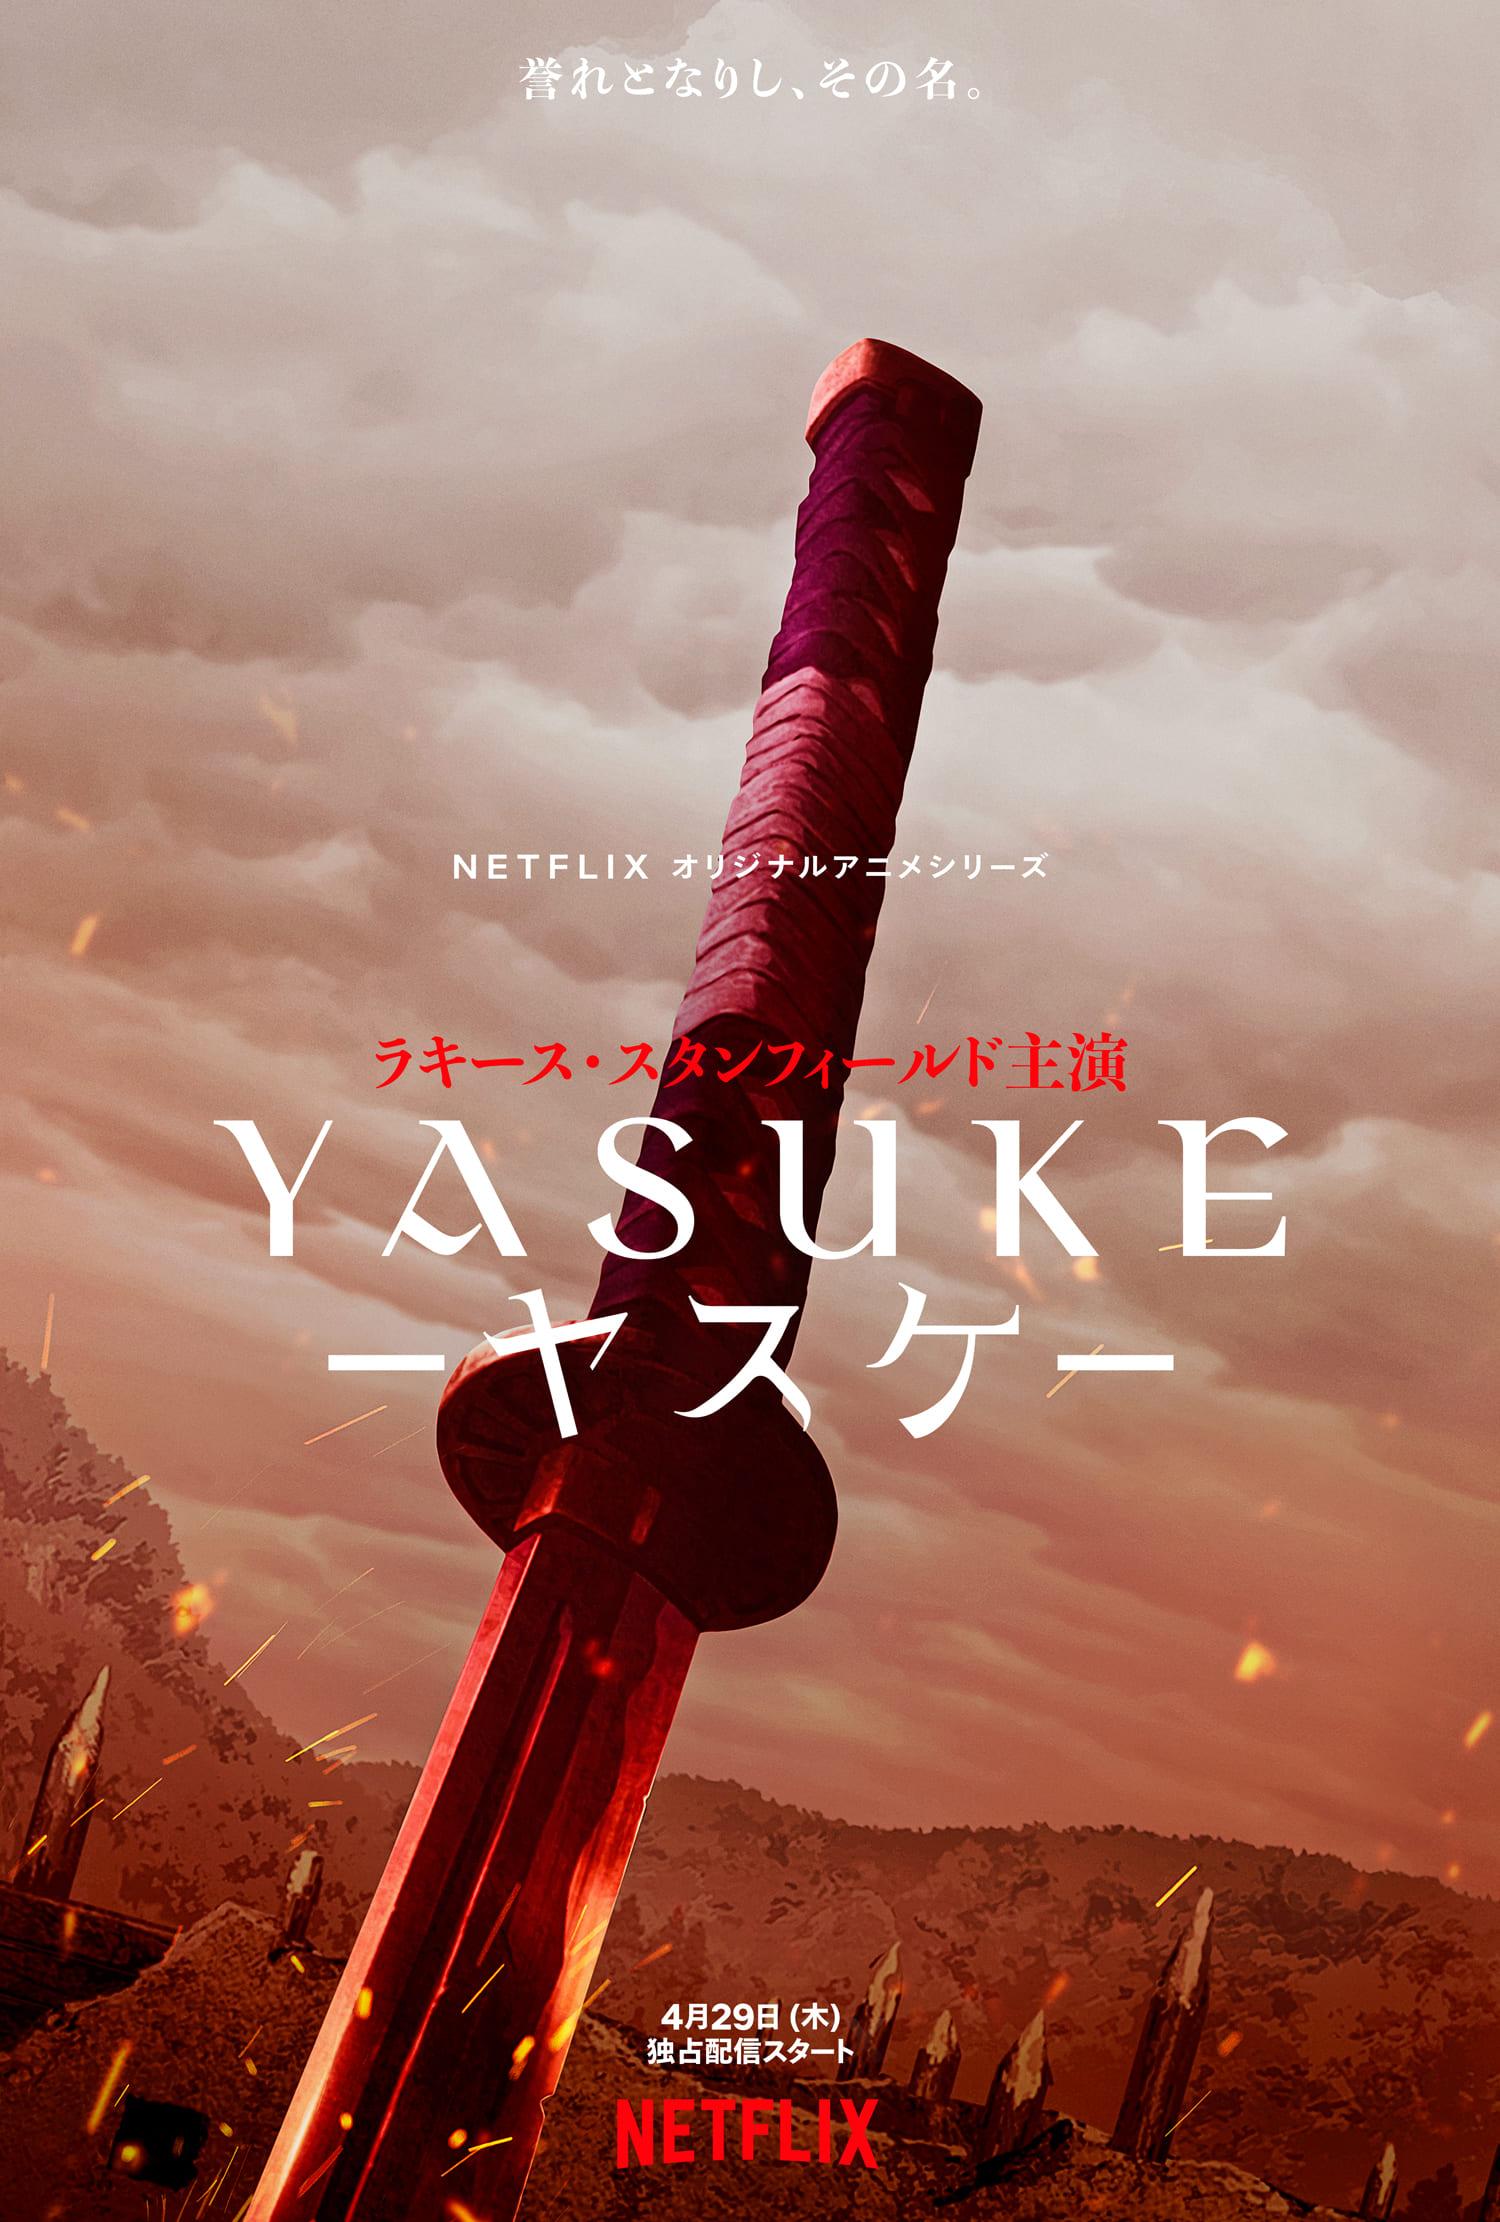 アニメ「ヤスケ」MAPPAとNetflixがタッグを組んだ映像初解禁!完全新作のアクションファンタジー時代劇